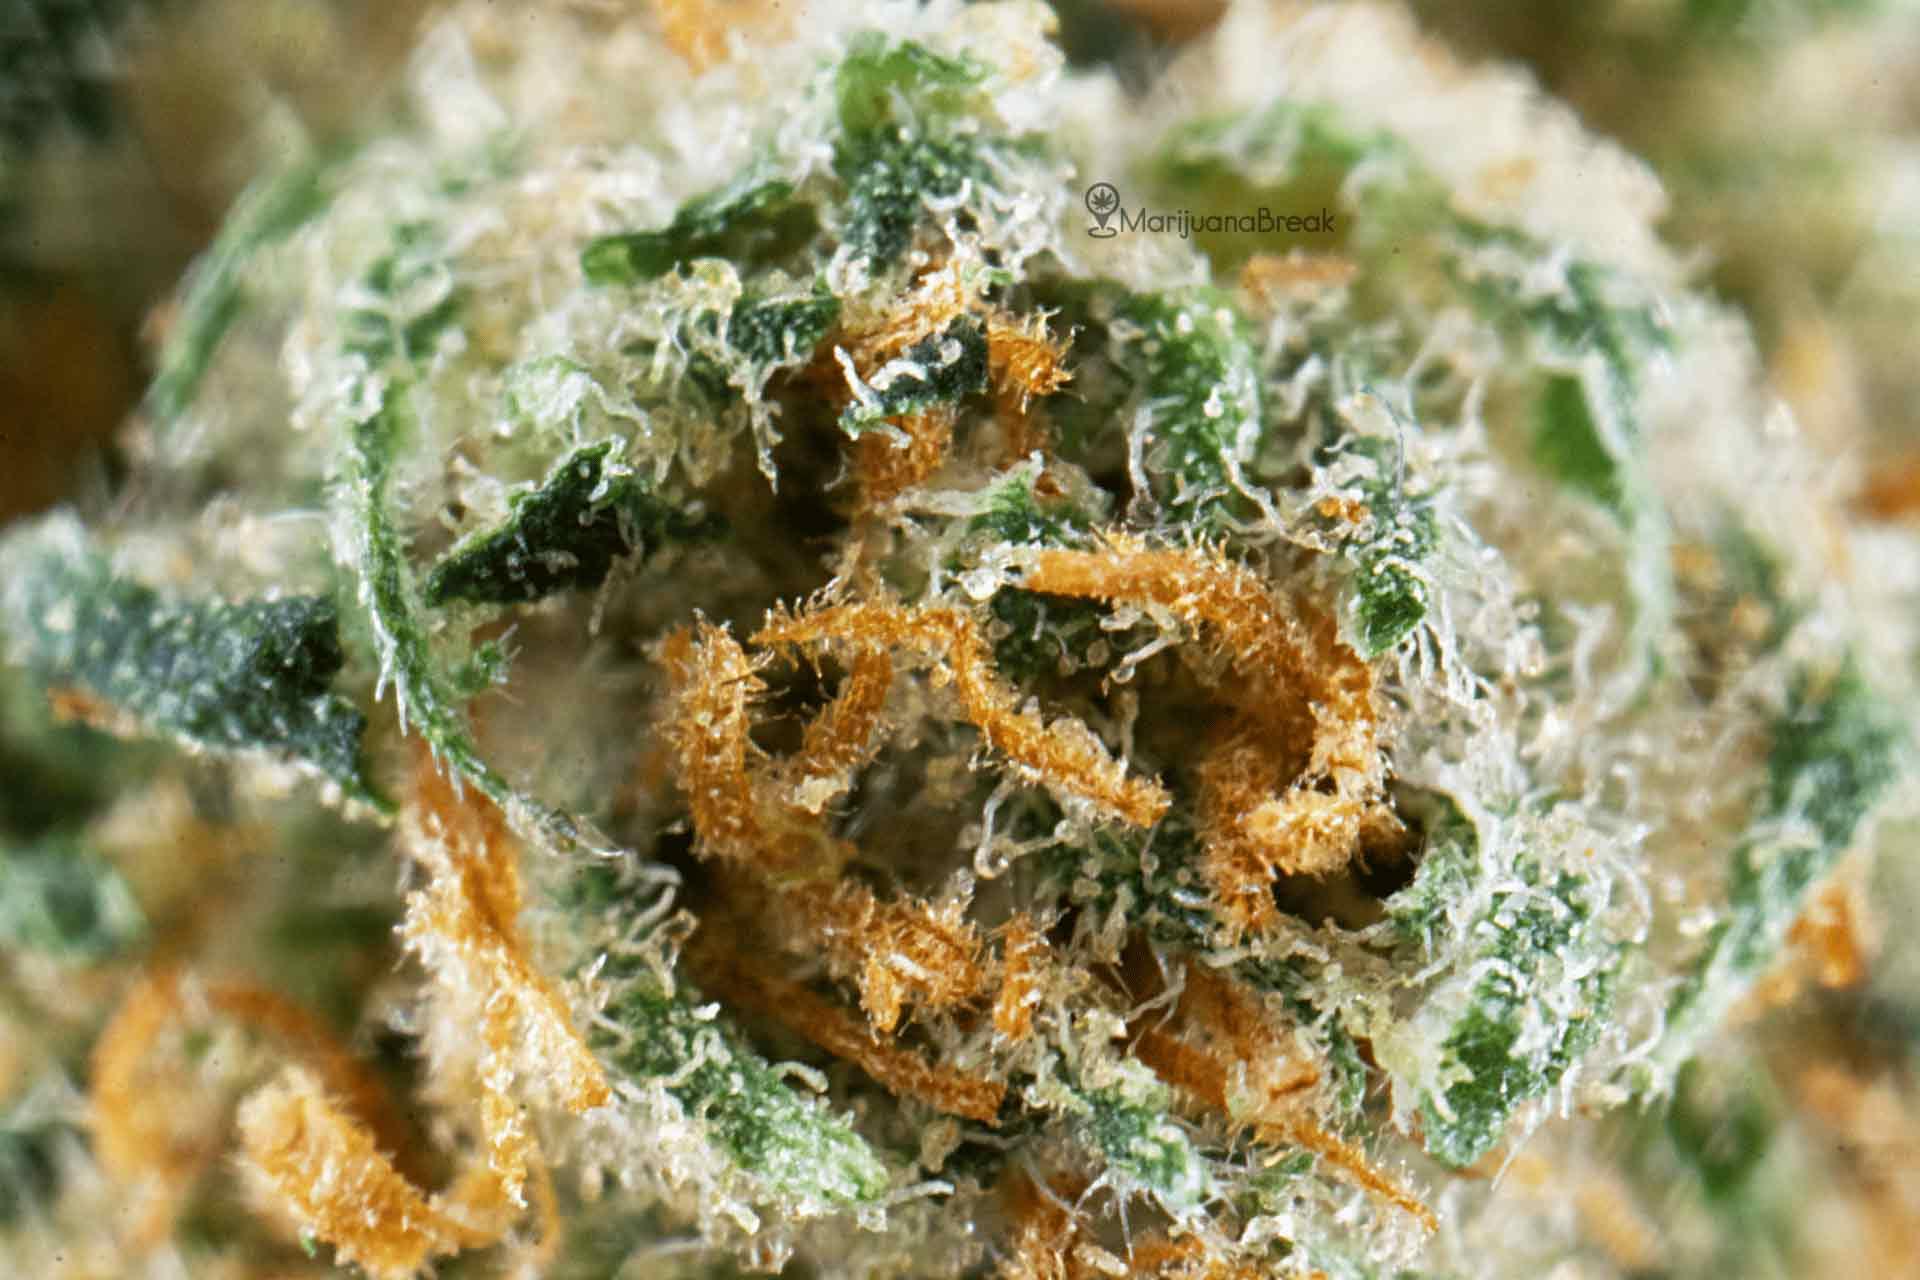 Canna-Tsu Marijuana Strain